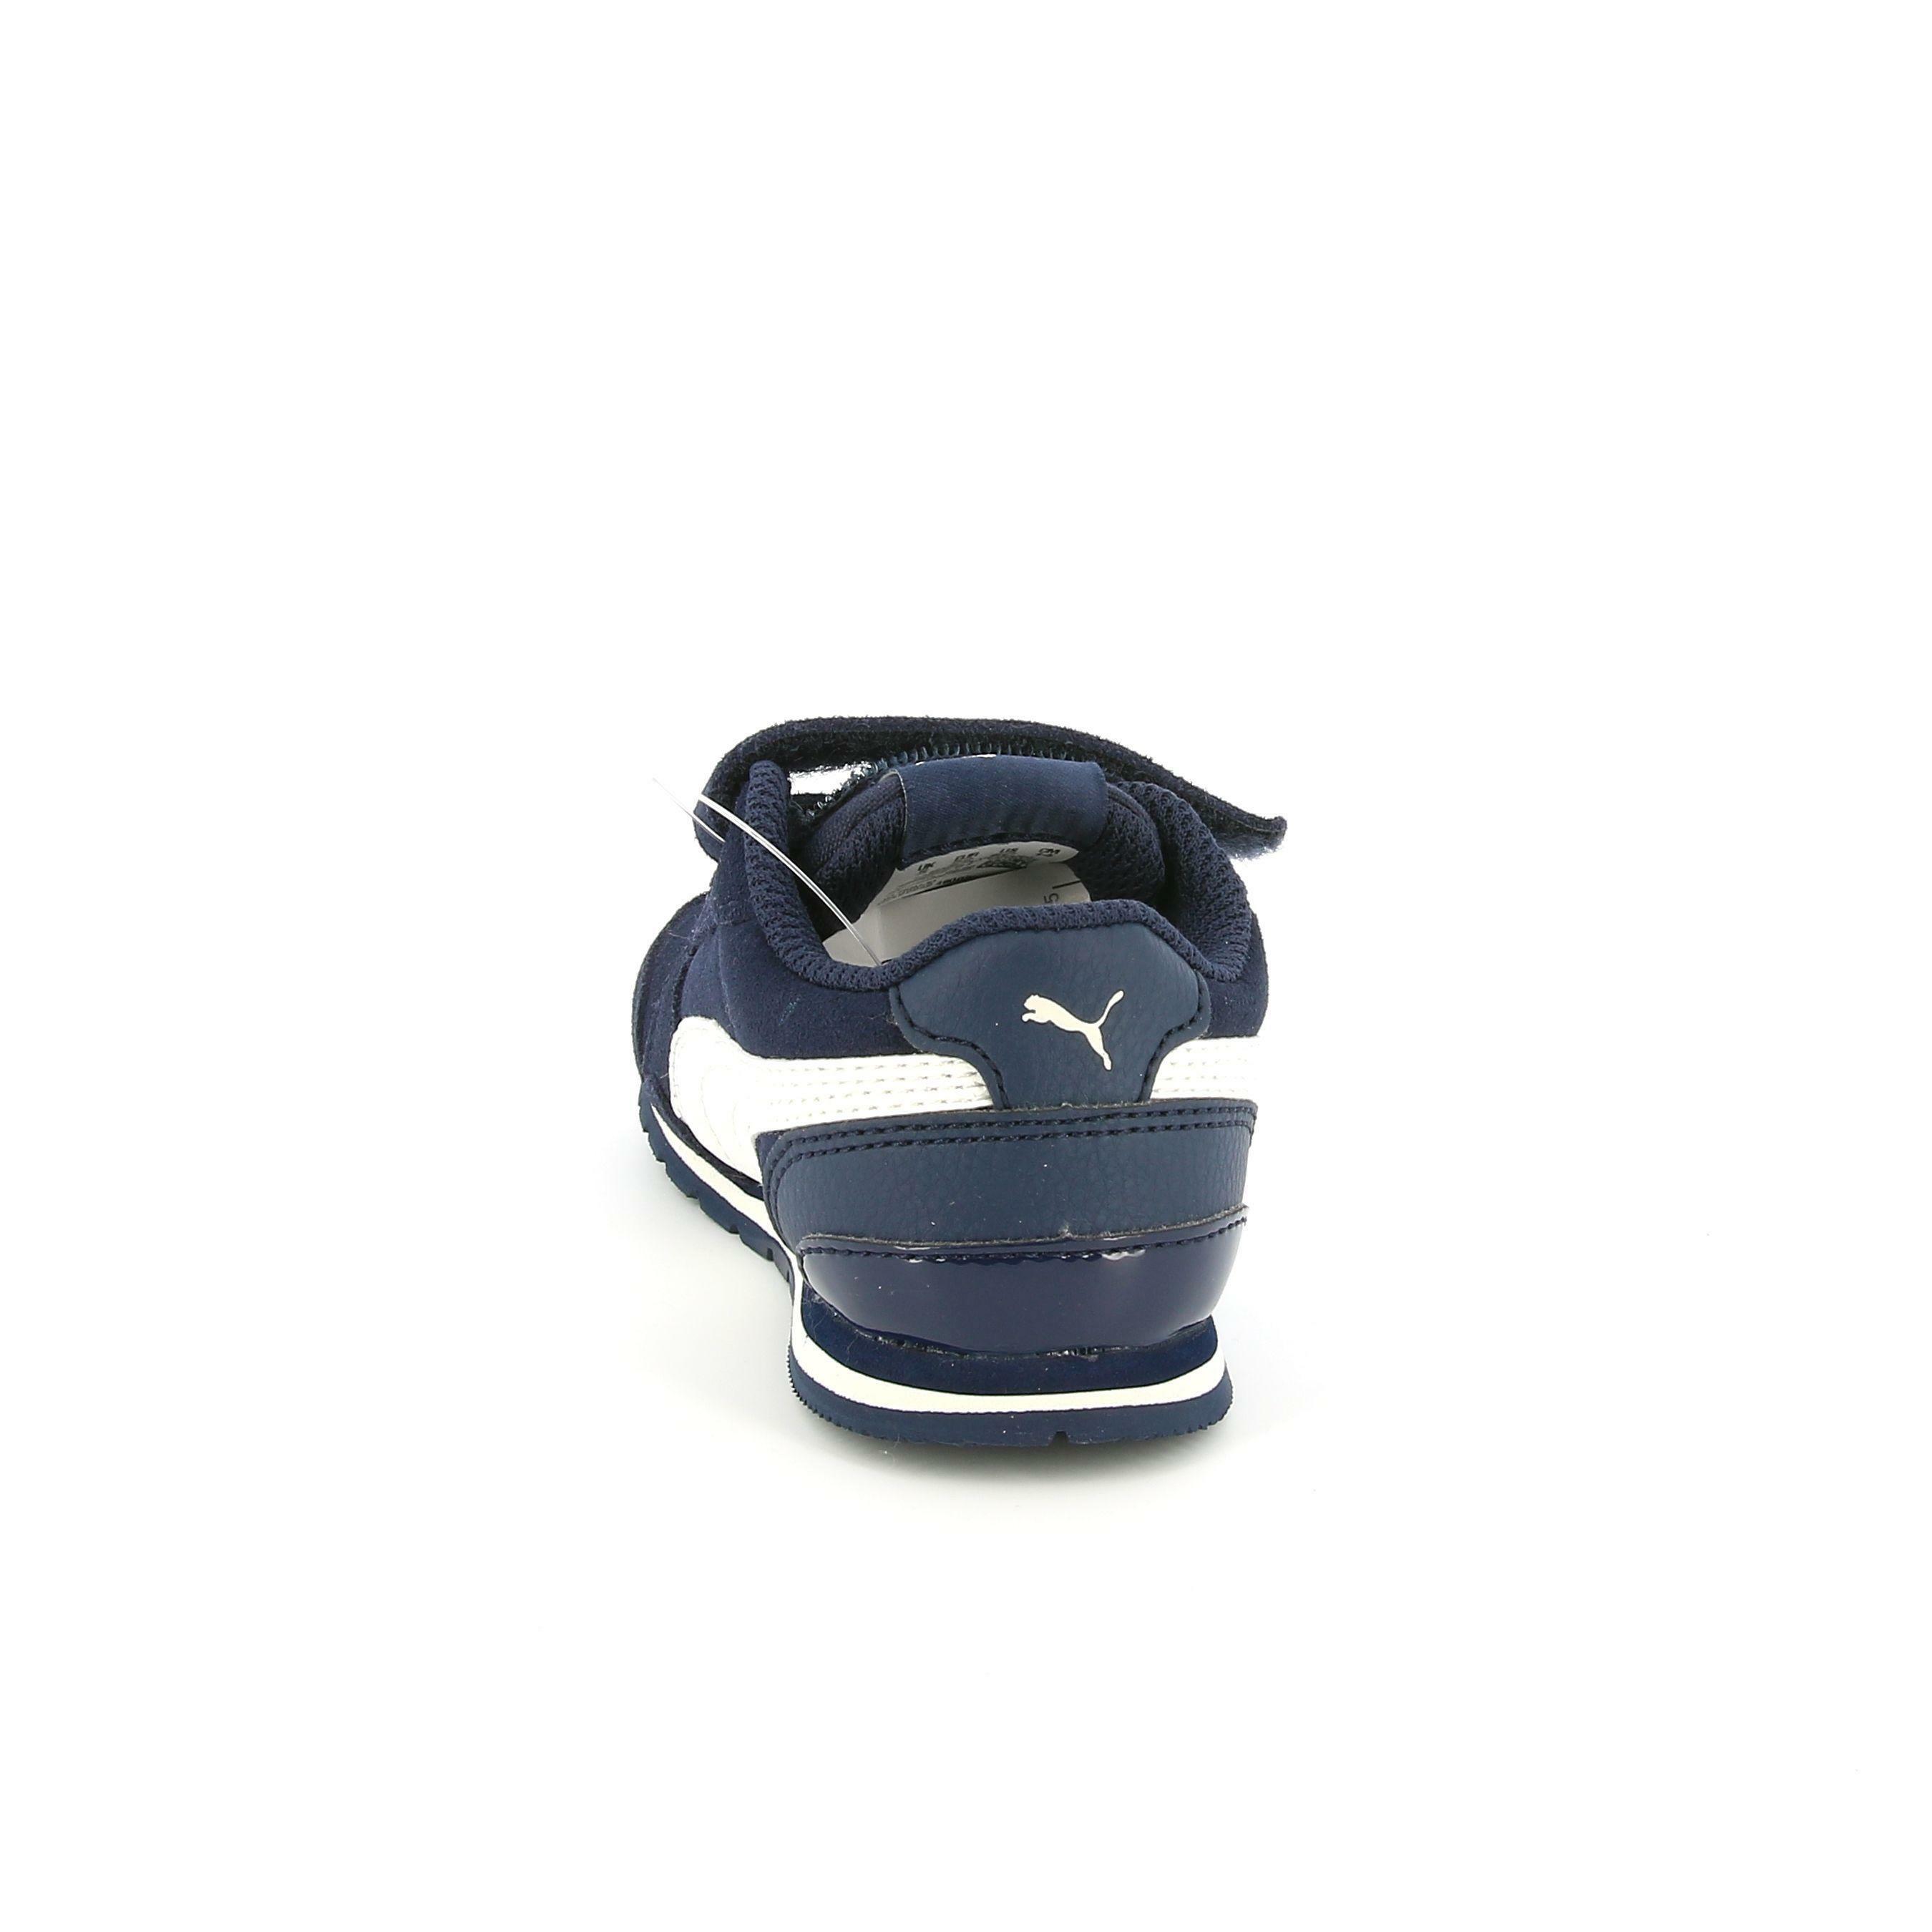 puma puma st runner v2 sd v inf 366002 001 bambino strappo sportivo  blu